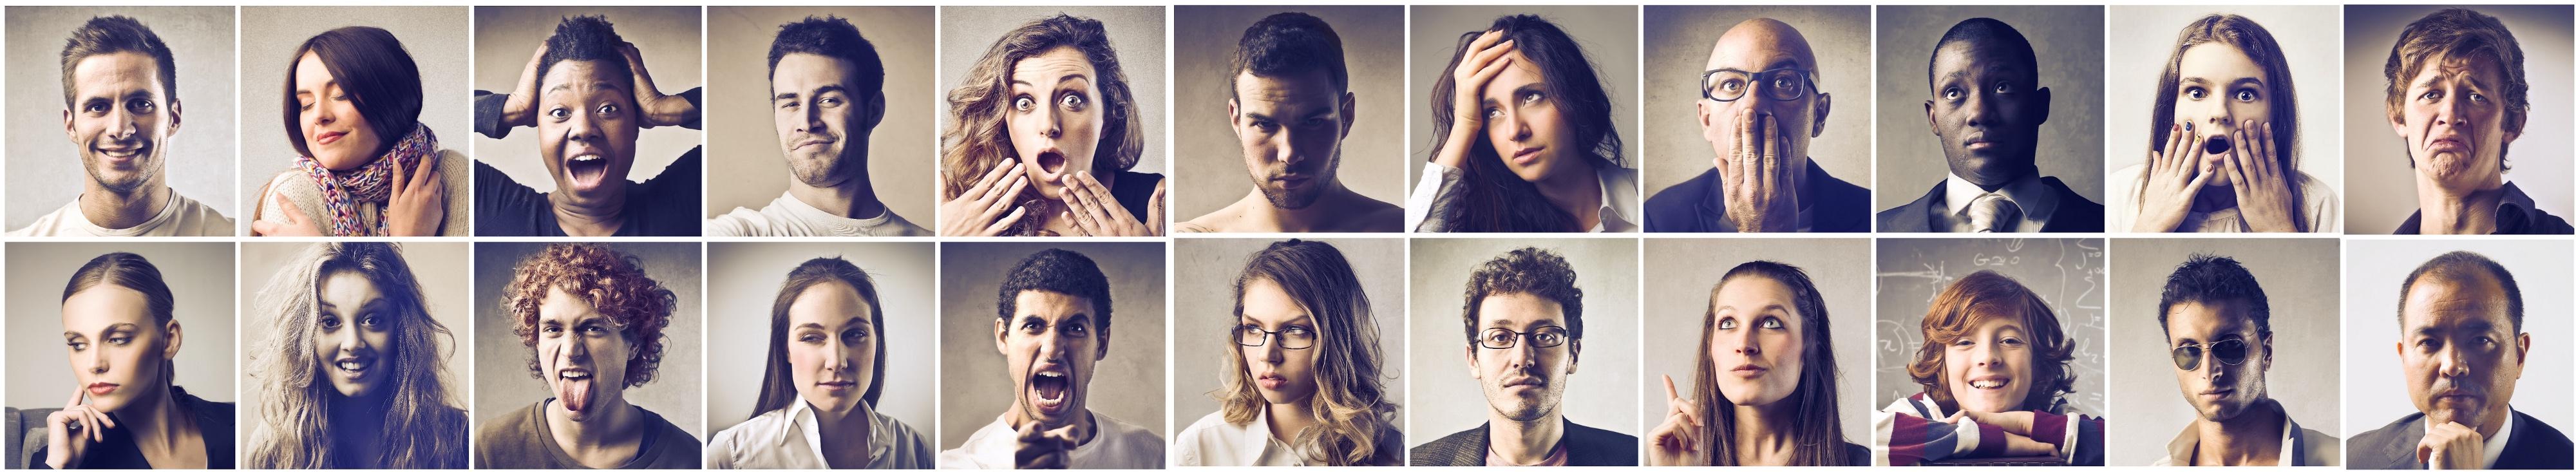 expresii faciale dispret test de vedere foropter